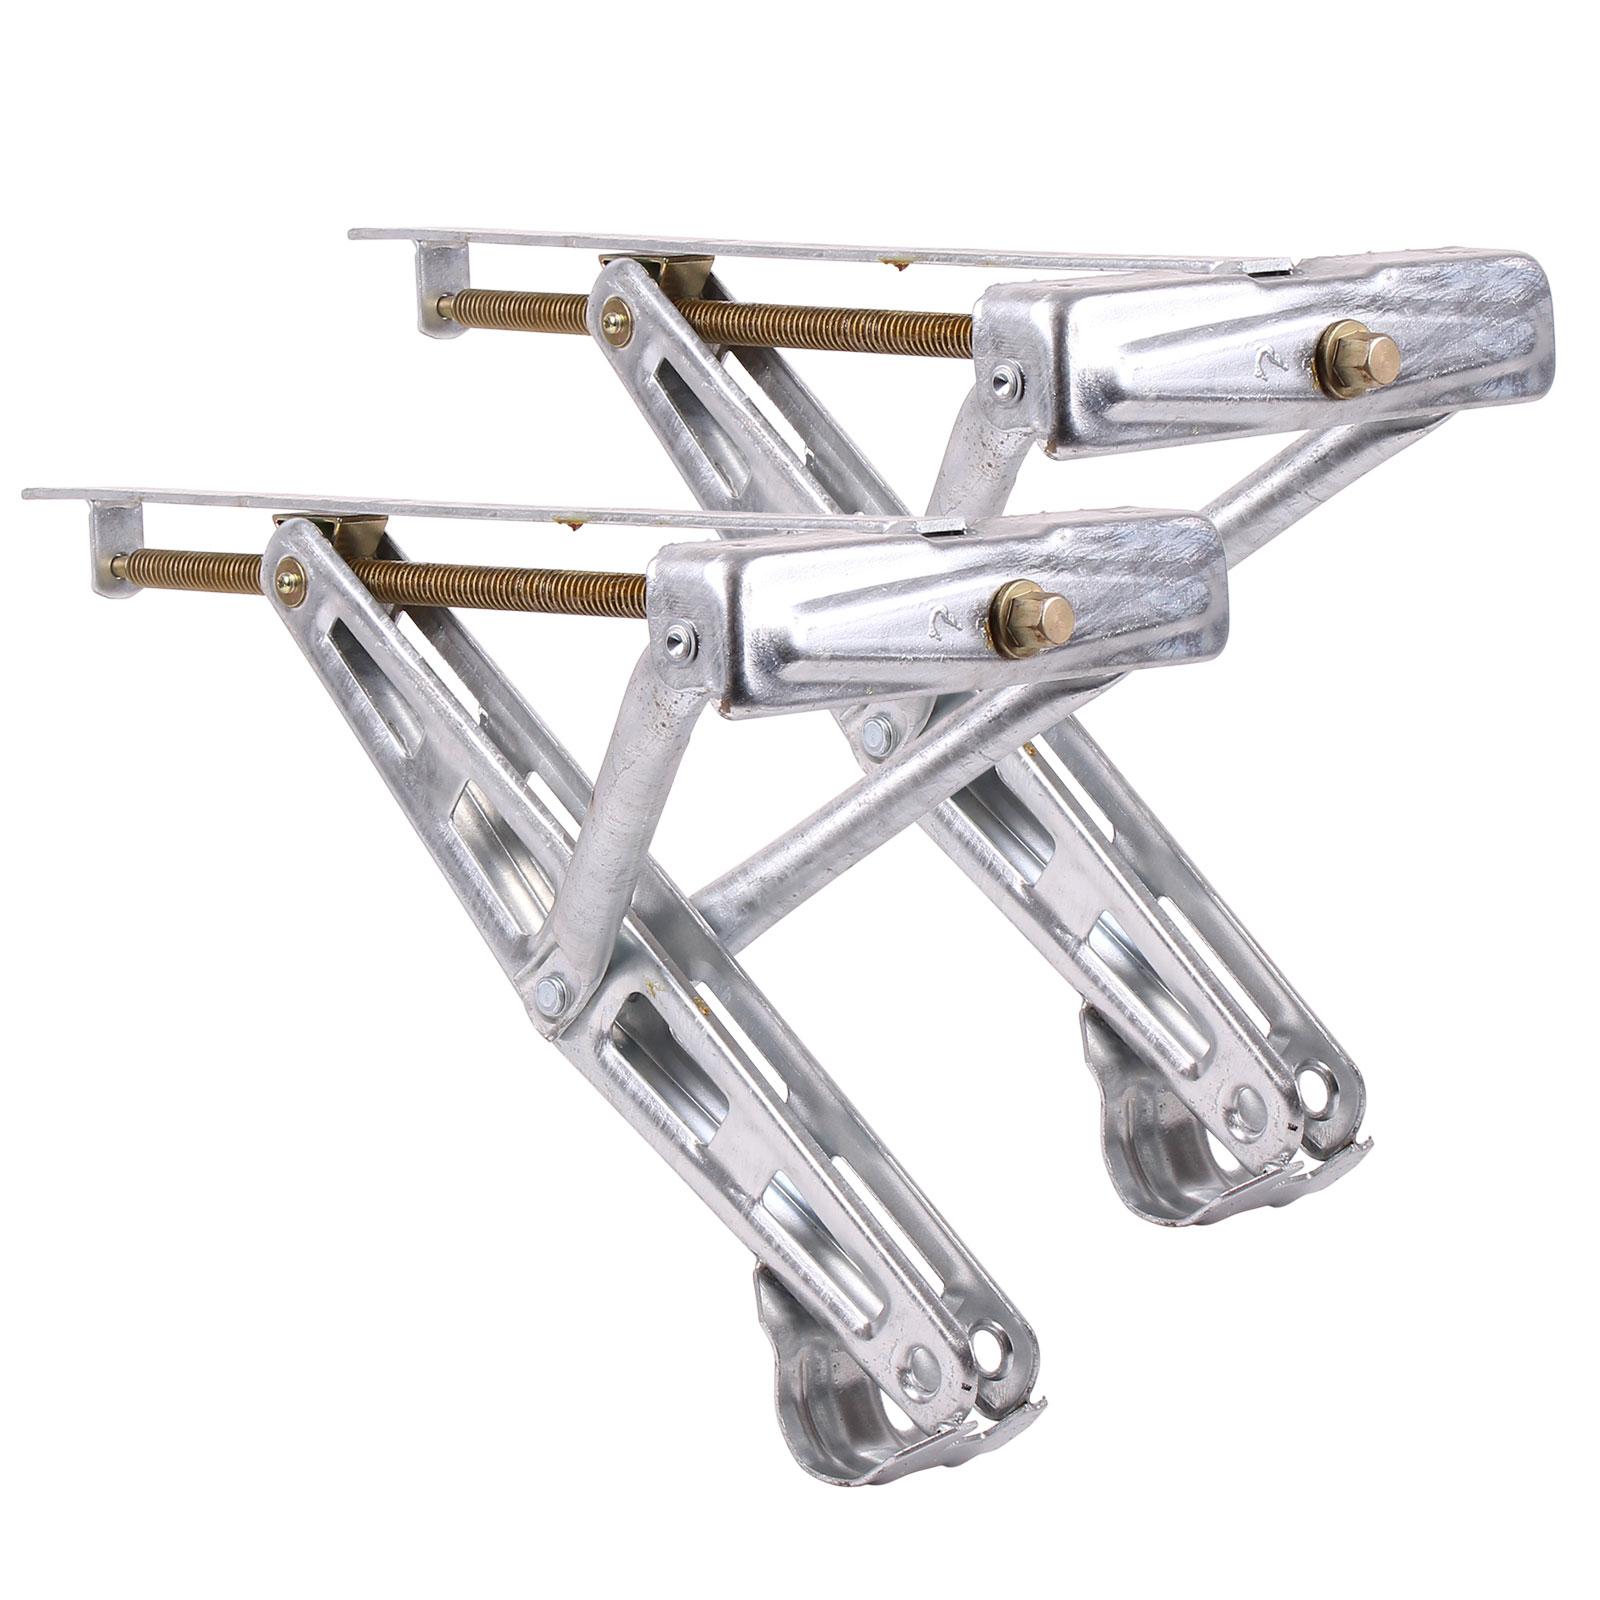 Ausdrehstütze 2er Set mit einer Traglast 600 Kg (Stück) Stahl verzinkt